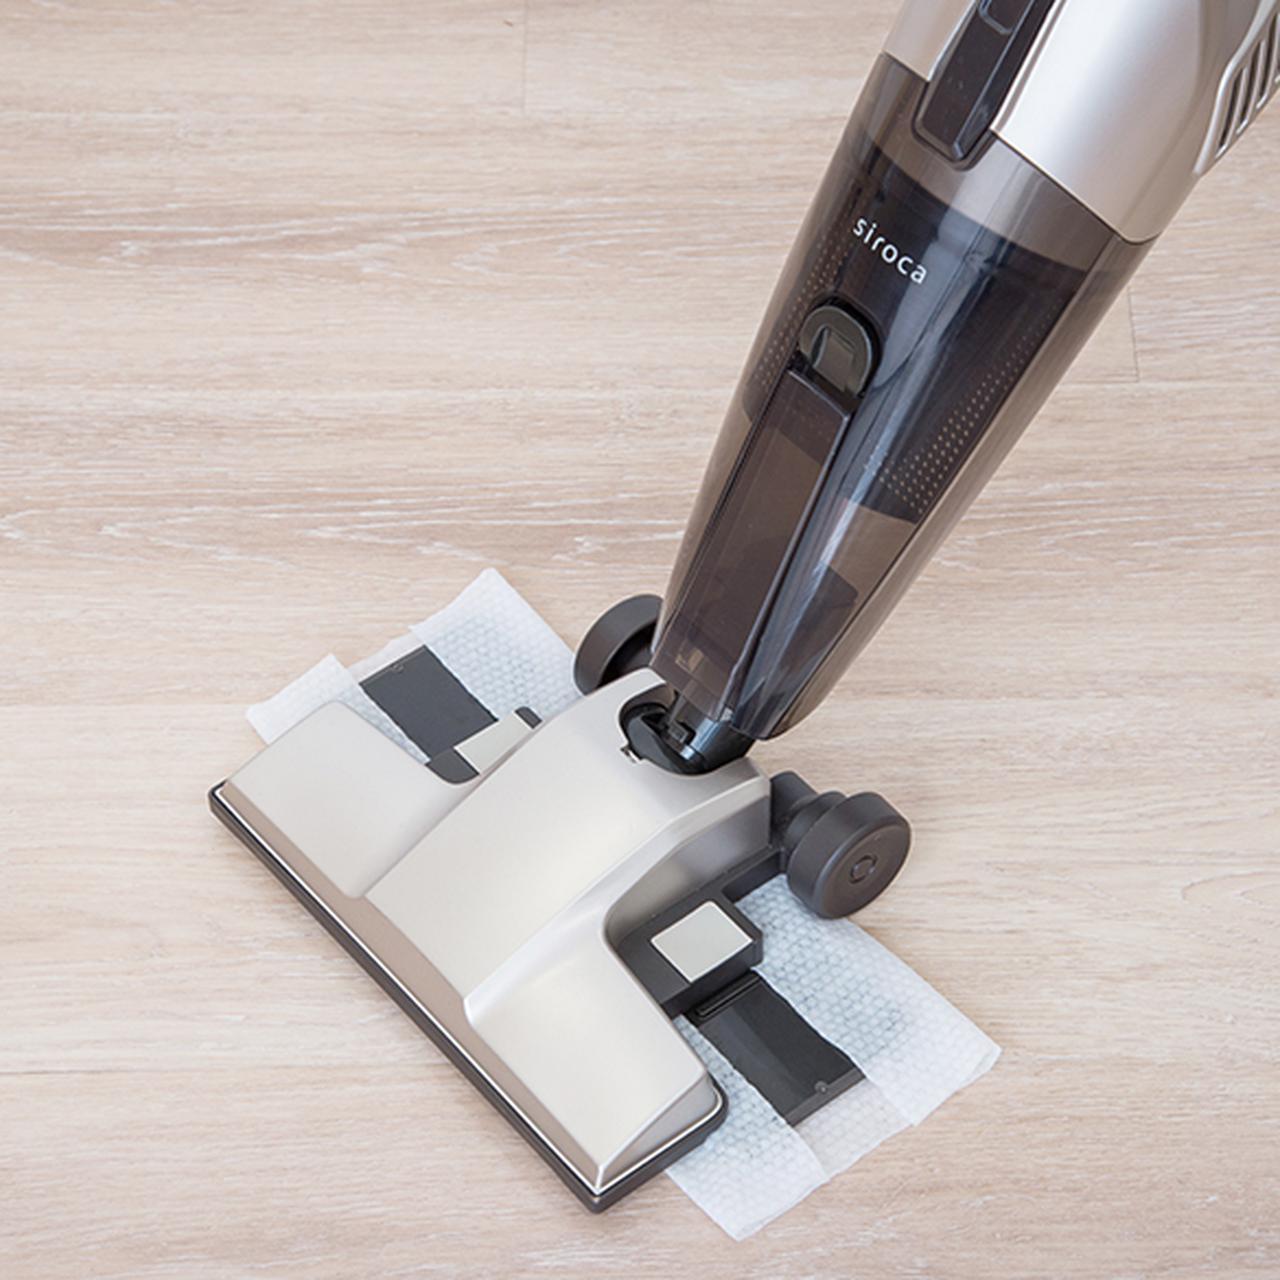 画像2: 時短掃除が可能!シロカのモップ付きスティッククリーナー「SV-M251」